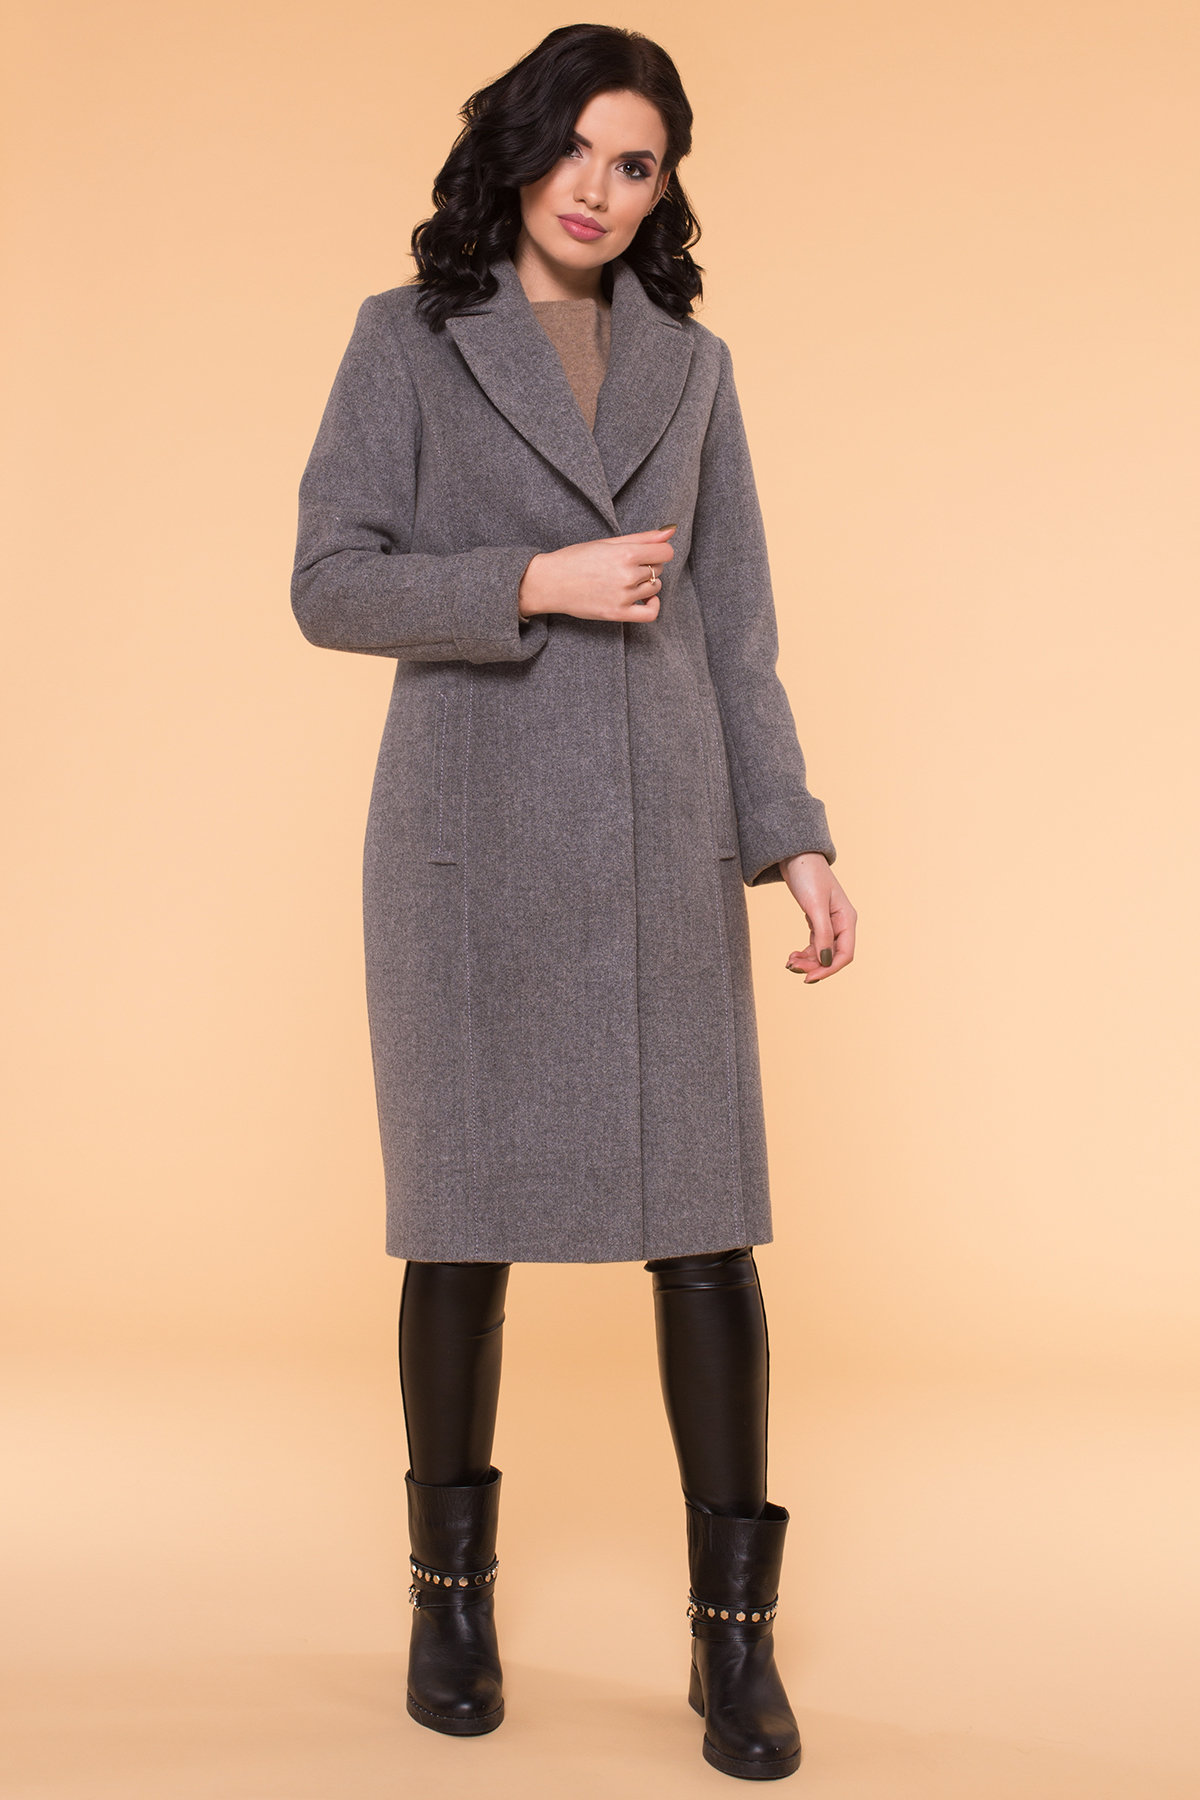 Пальто Лесли 6262 АРТ. 41034 Цвет: Серый 18 - фото 7, интернет магазин tm-modus.ru